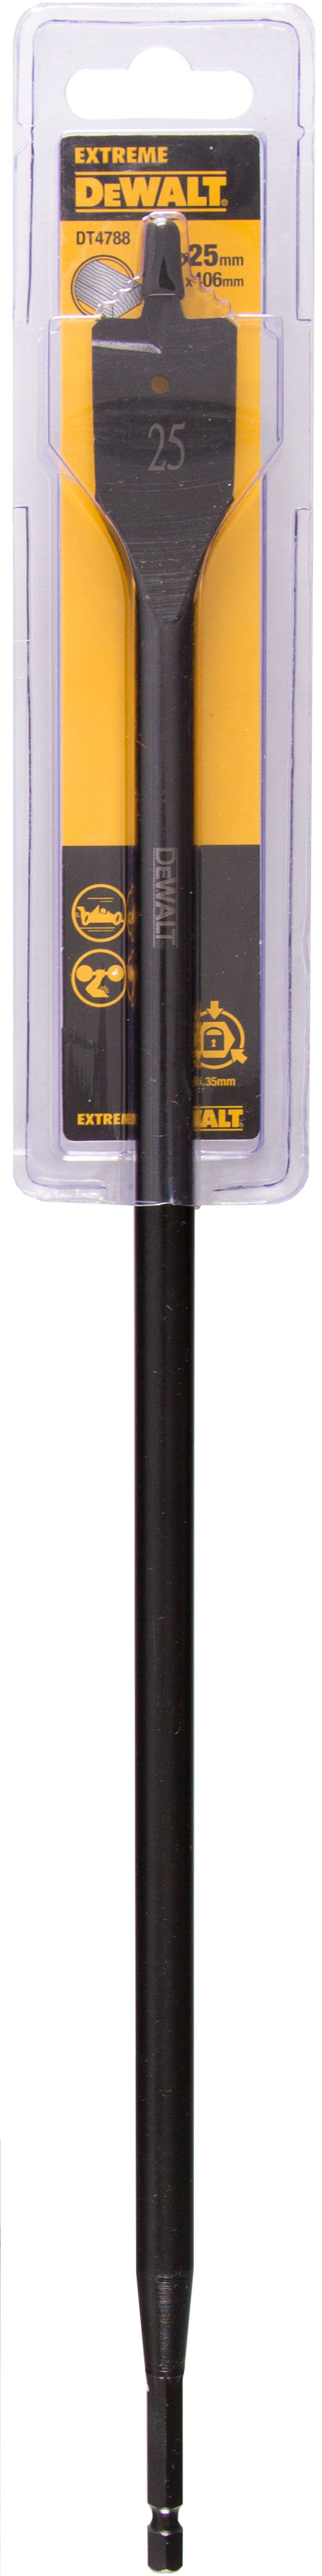 Сверло по дереву Dewalt Dt4788qz диск пильный по дереву 184х16 мм z40 dewalt dt 10303